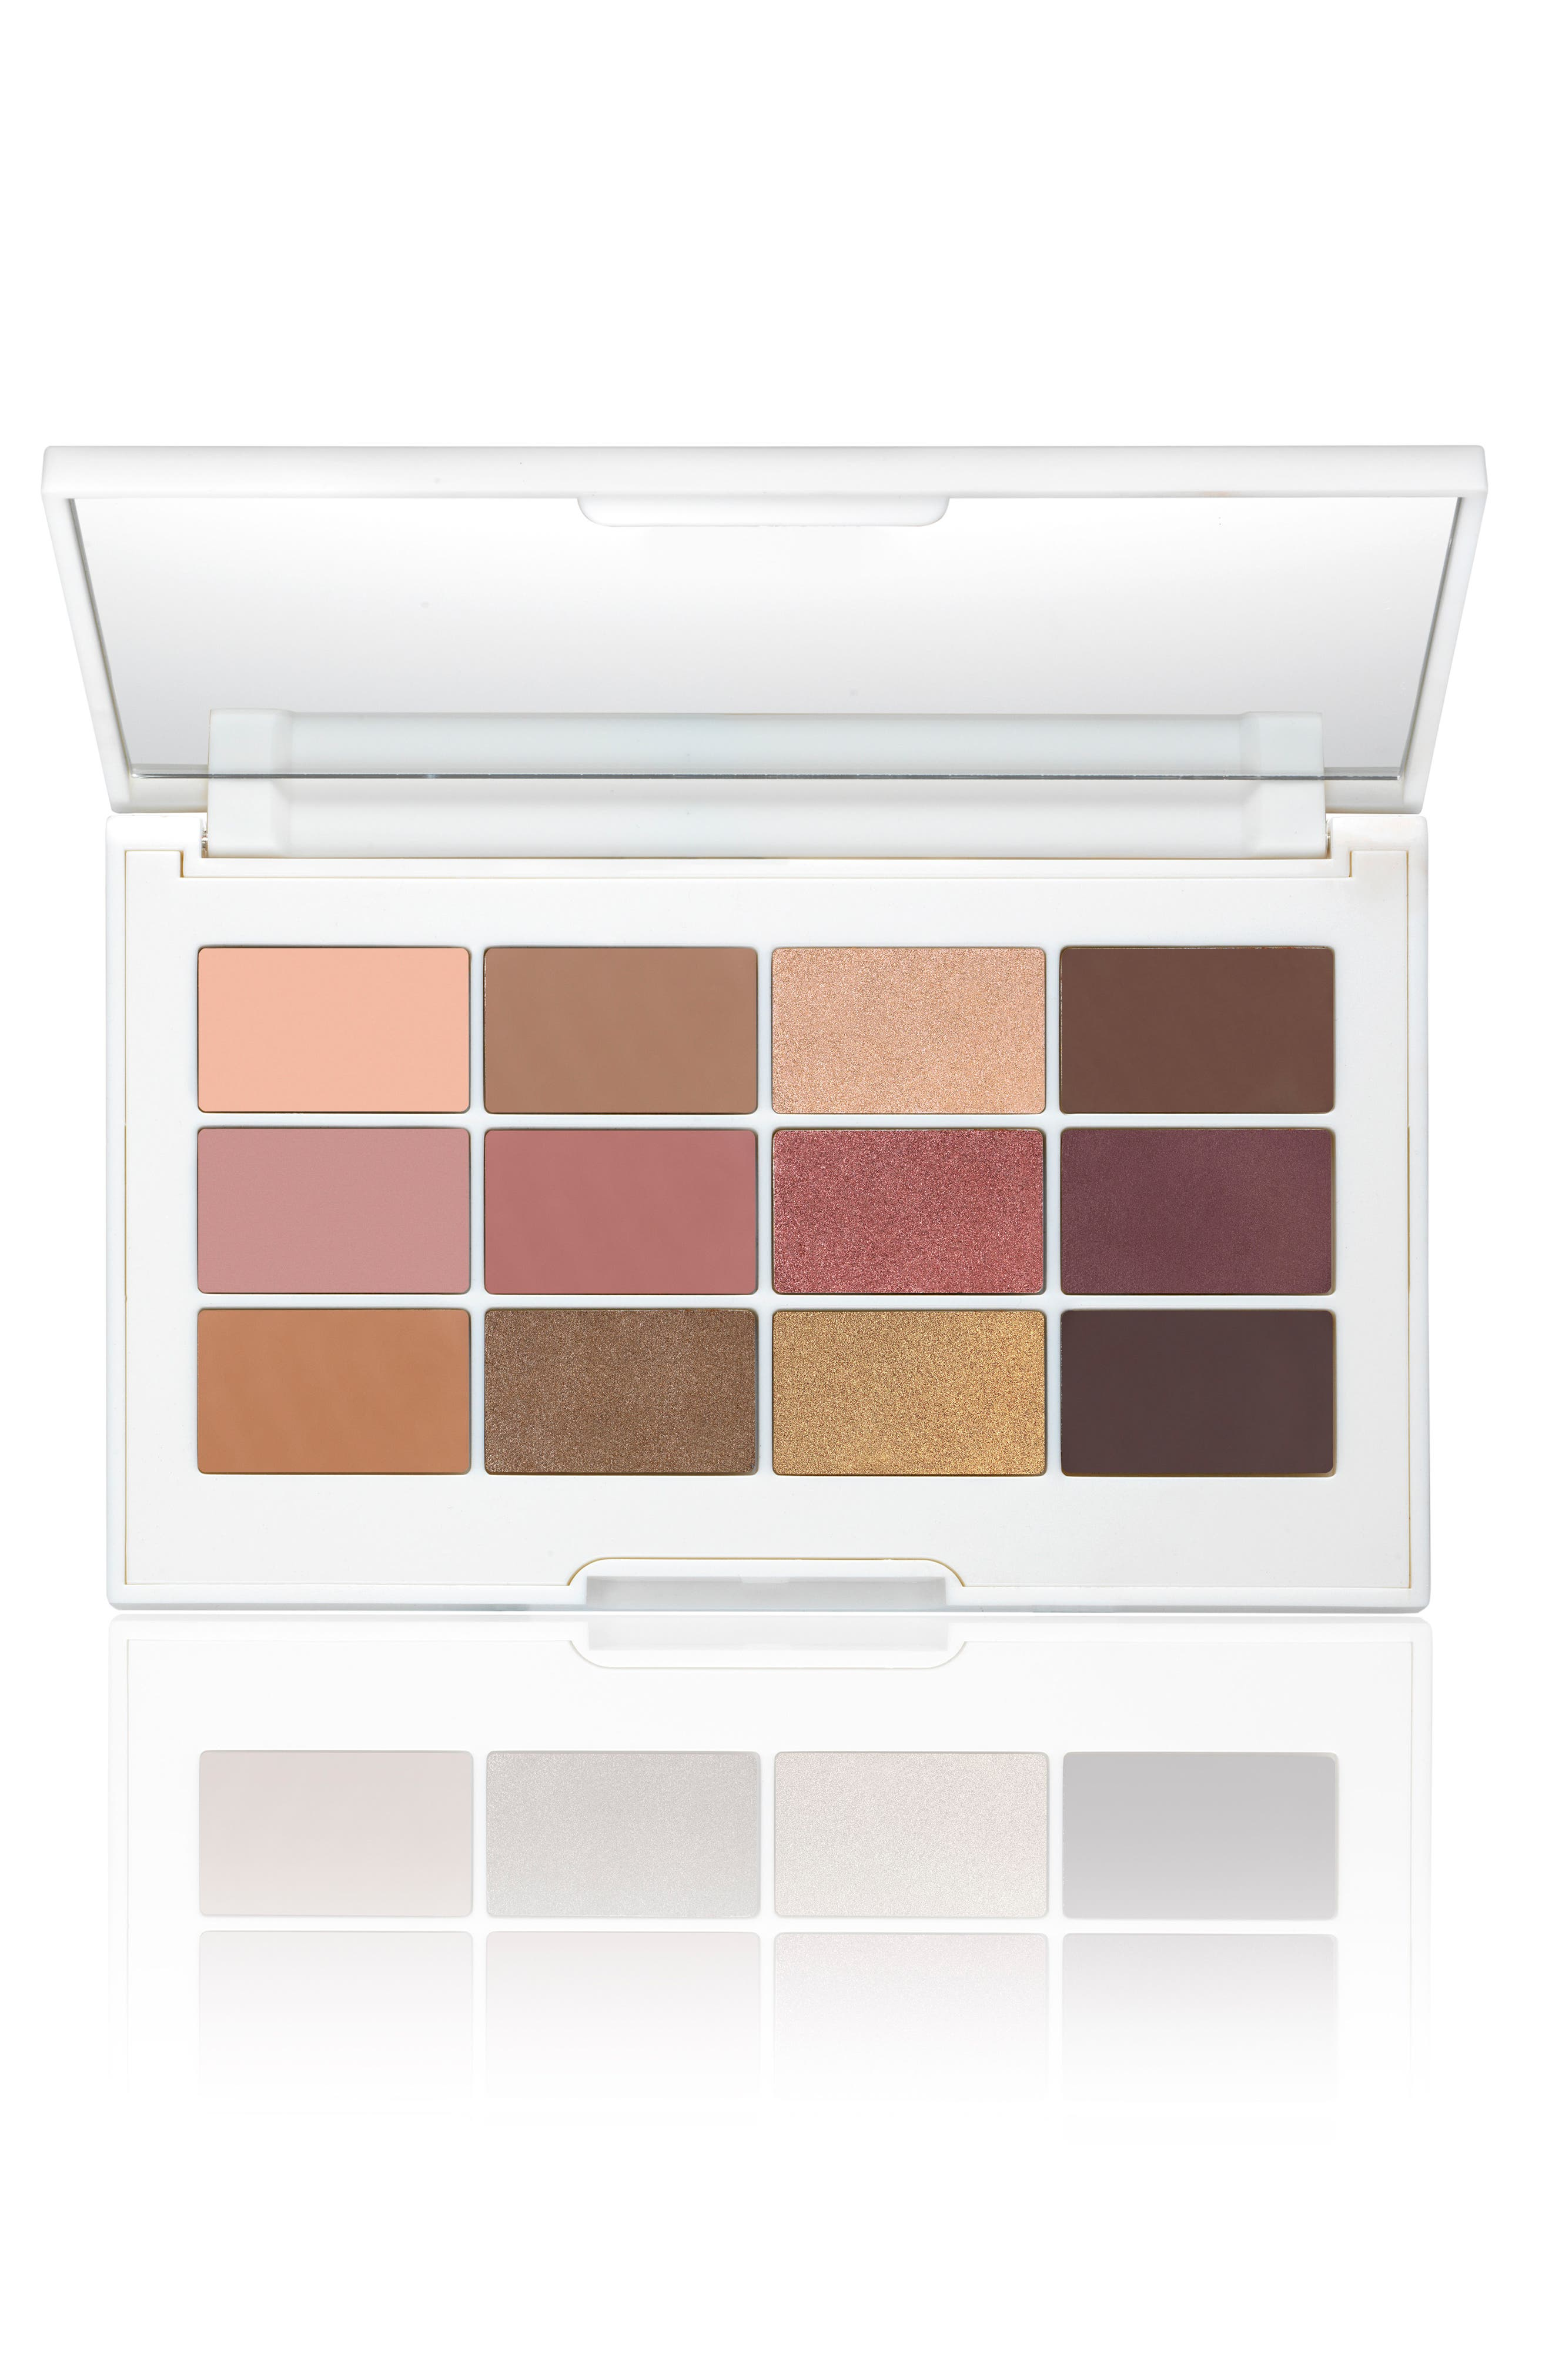 Laura Geller Beauty New York Uptown Chic Eyeshadow Palette